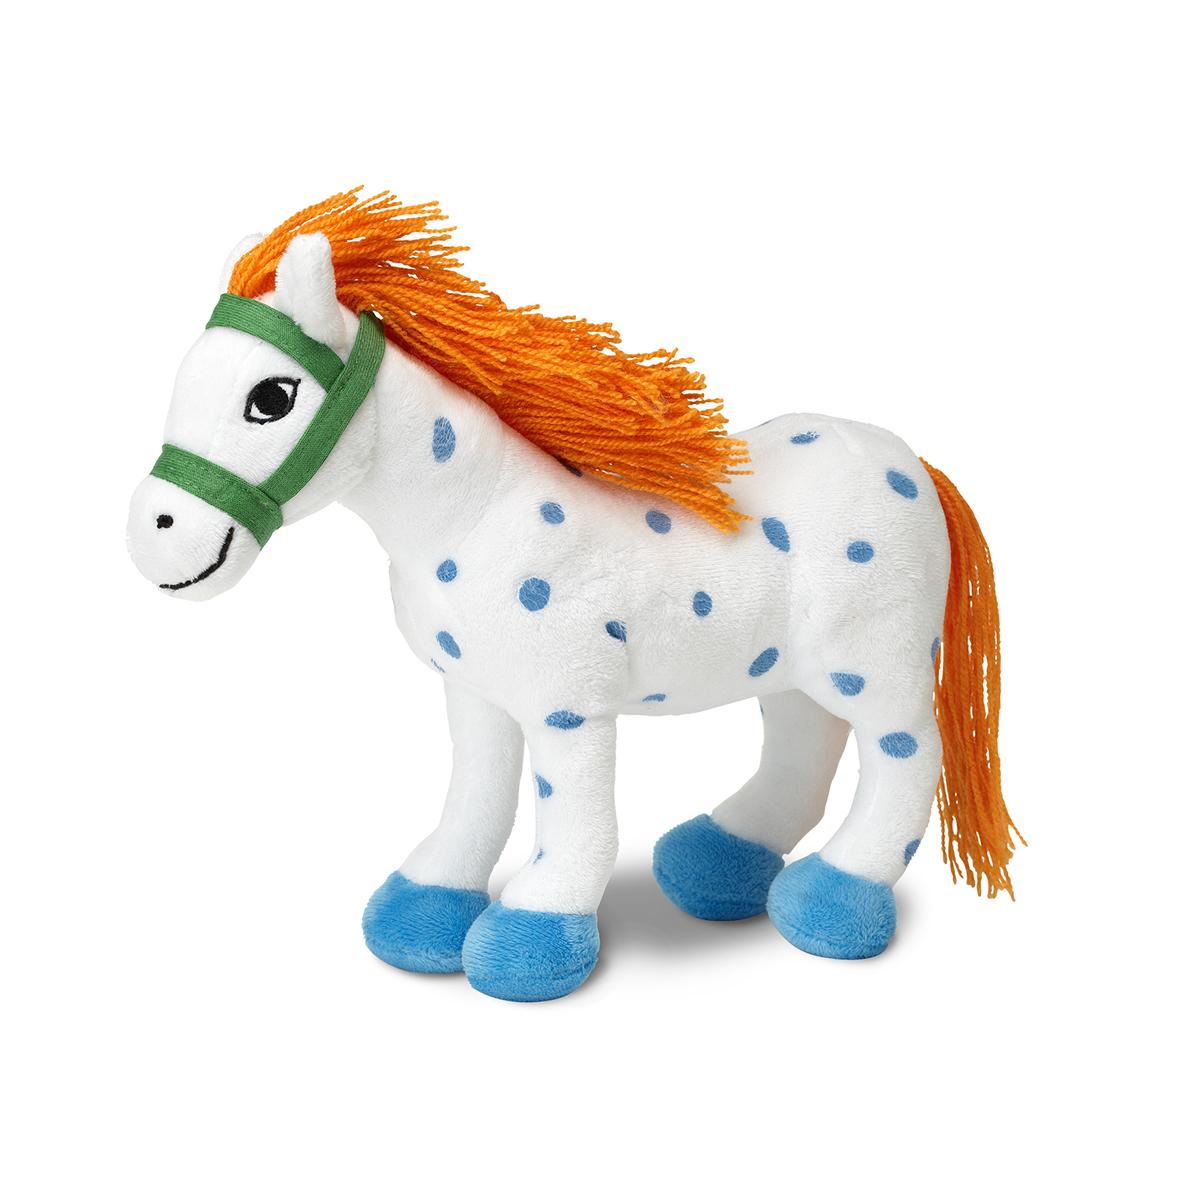 Купить Мягкая игрушка Пеппи Длинный чулок Лошадь Лилла 22 см Micki 44372000, Мягкие игрушки животные